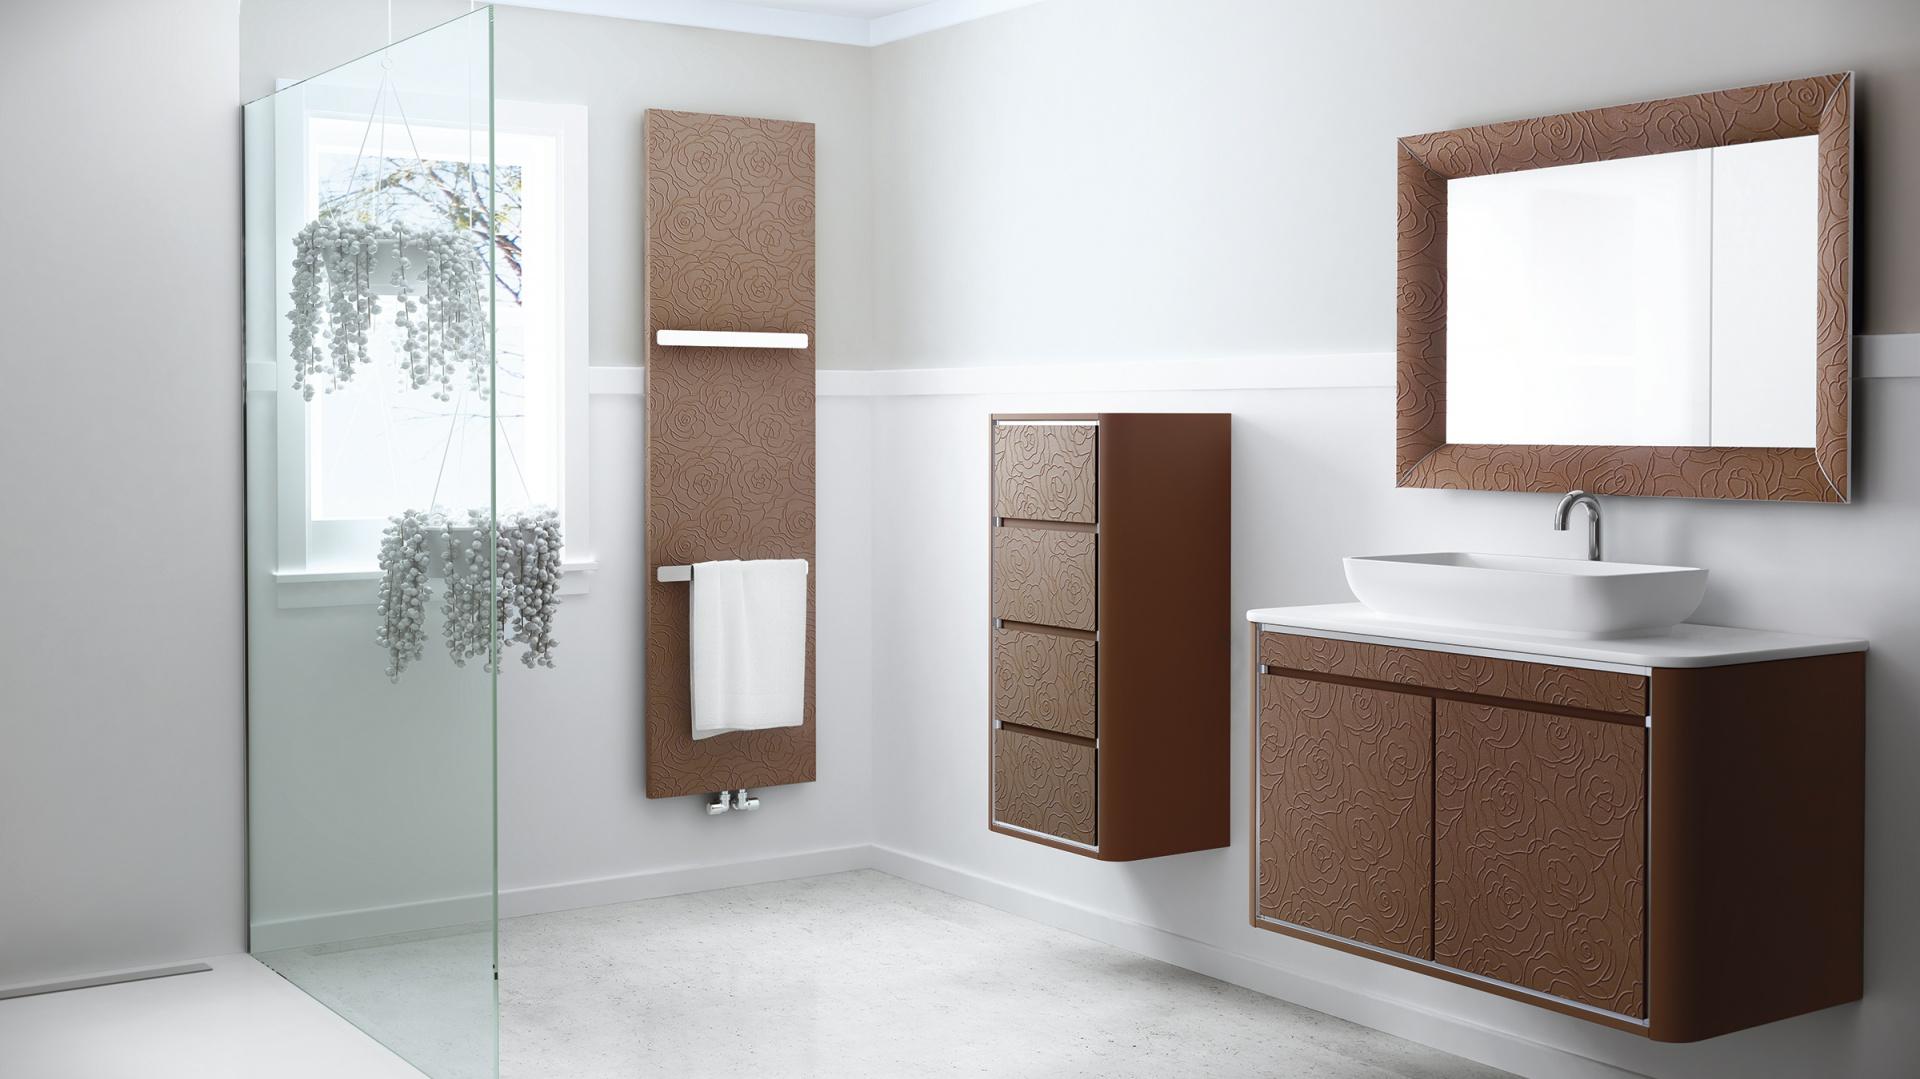 Z tego samego materiału można zamówić i meble łazienkowe, i grzejnik – seria In Touch firmy Fiora. Fot. Fiora.